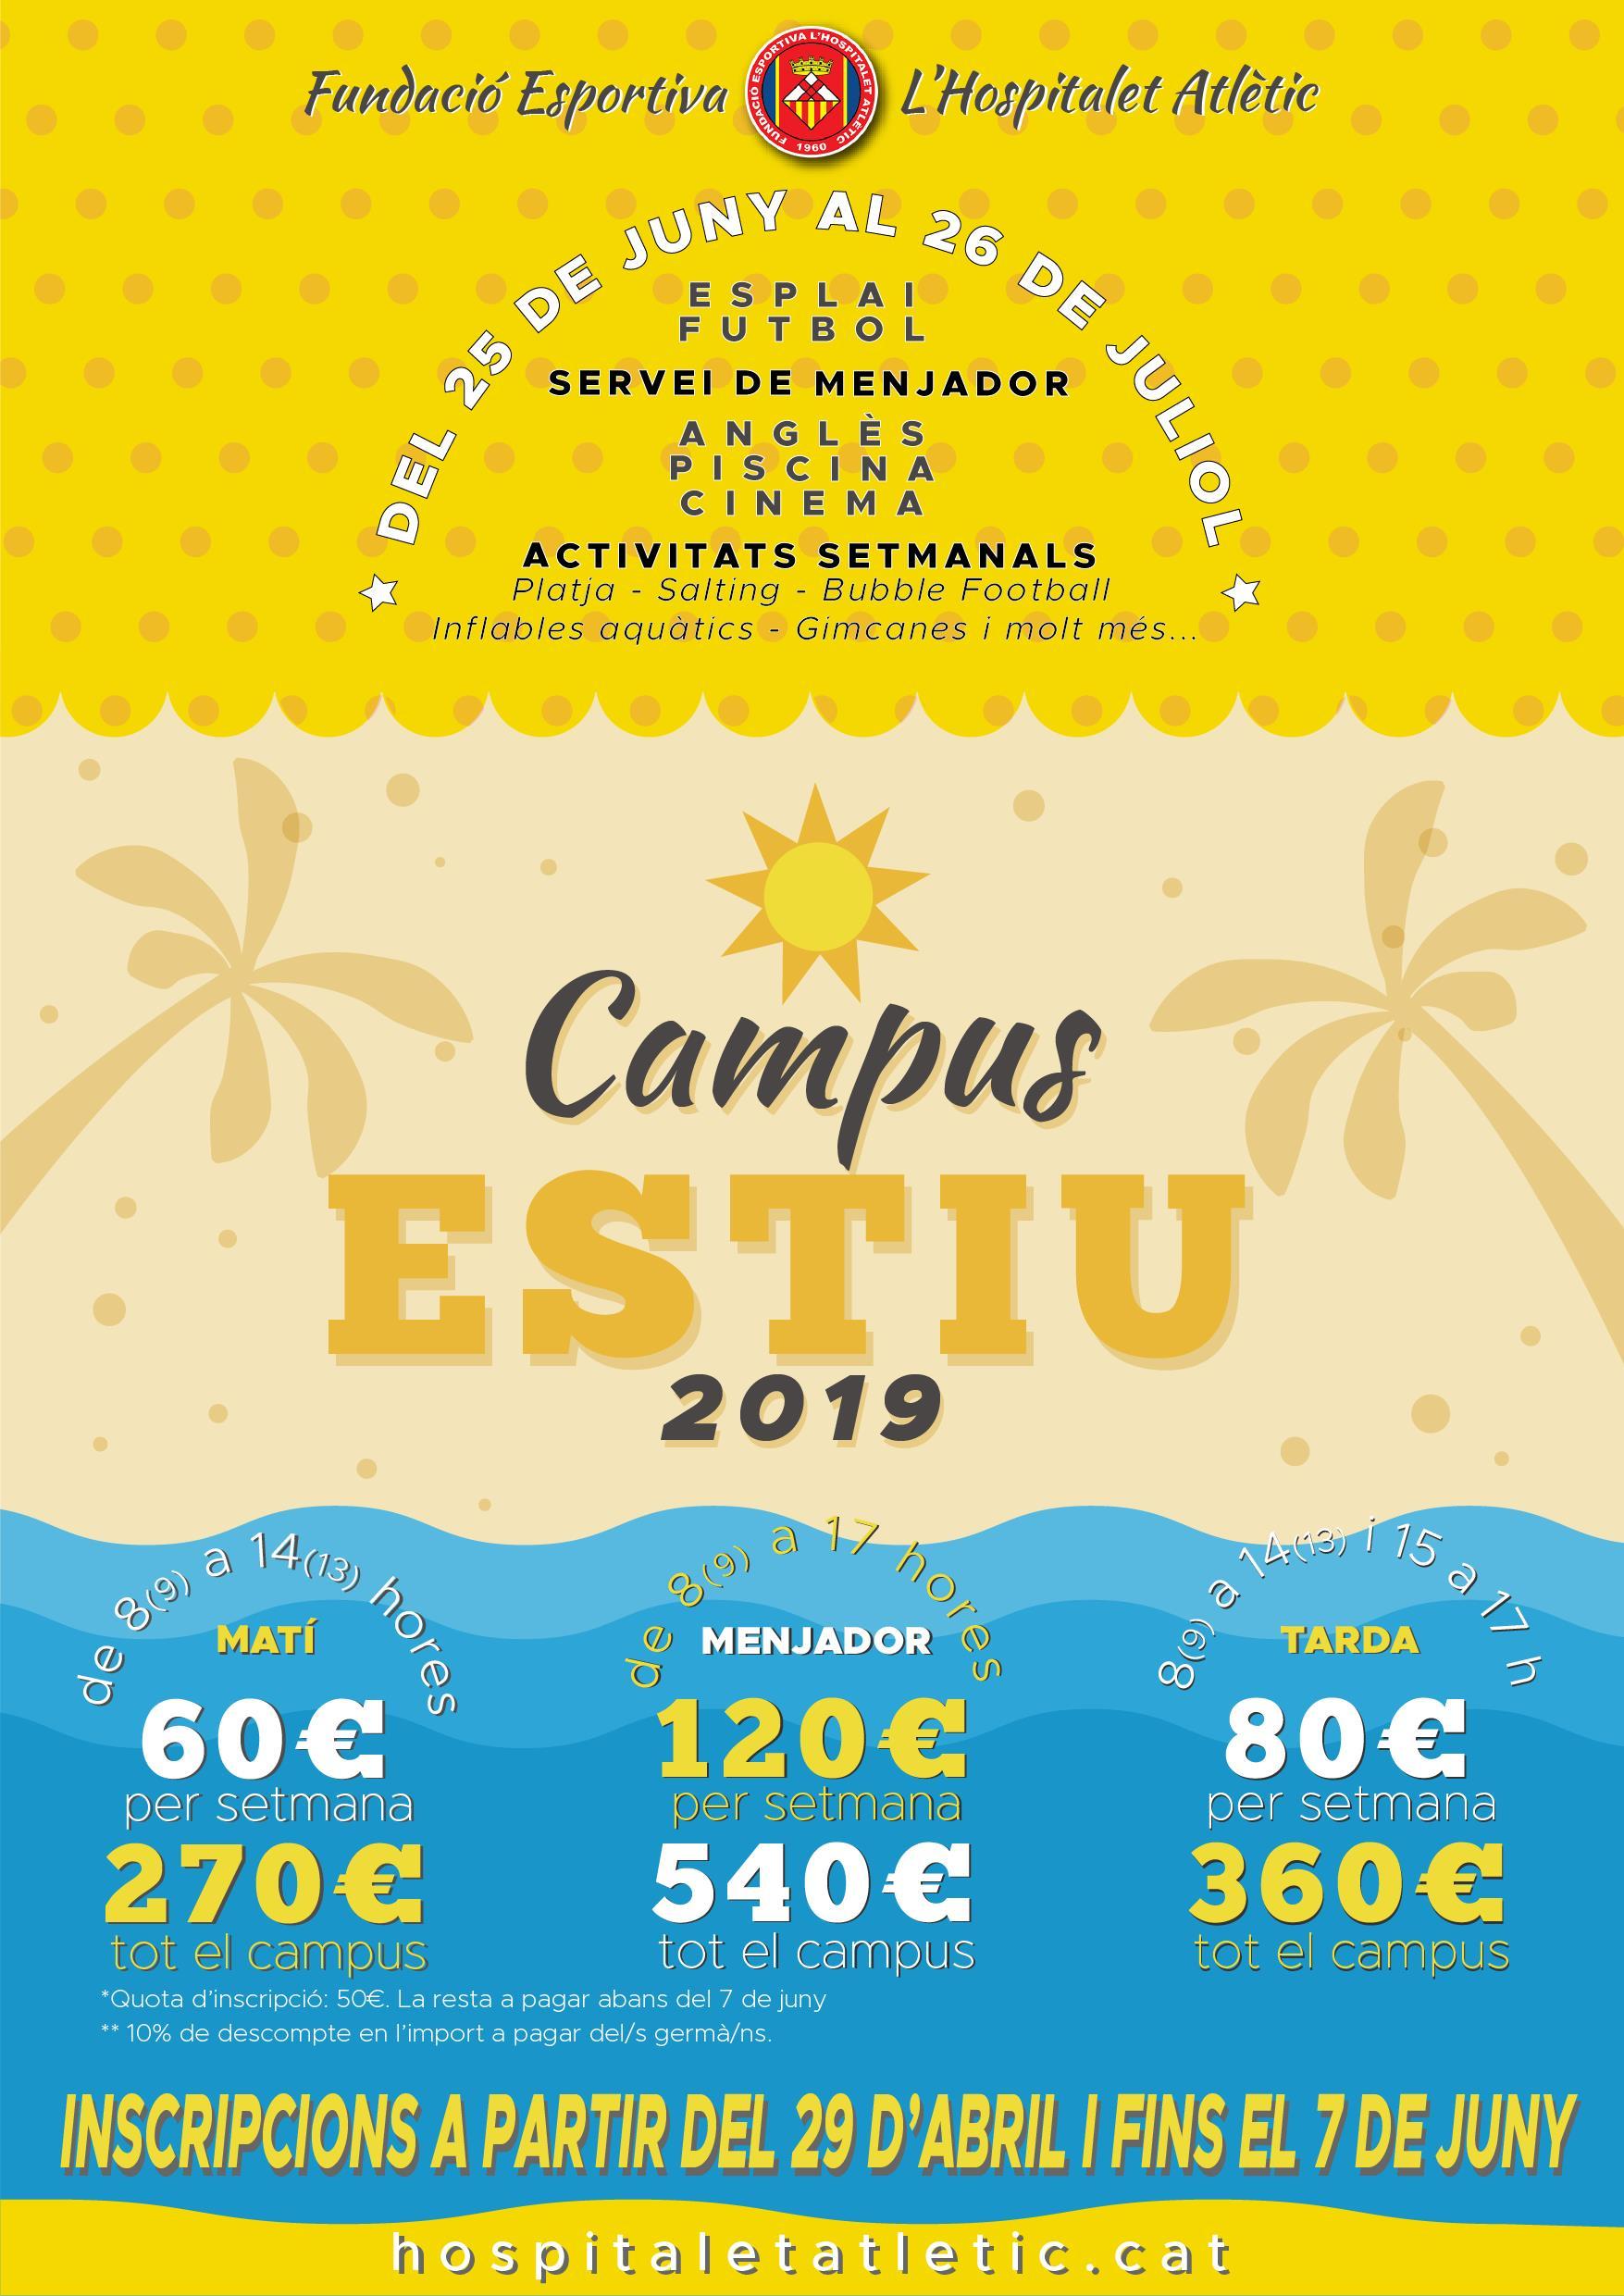 Campus d'estiu 2019